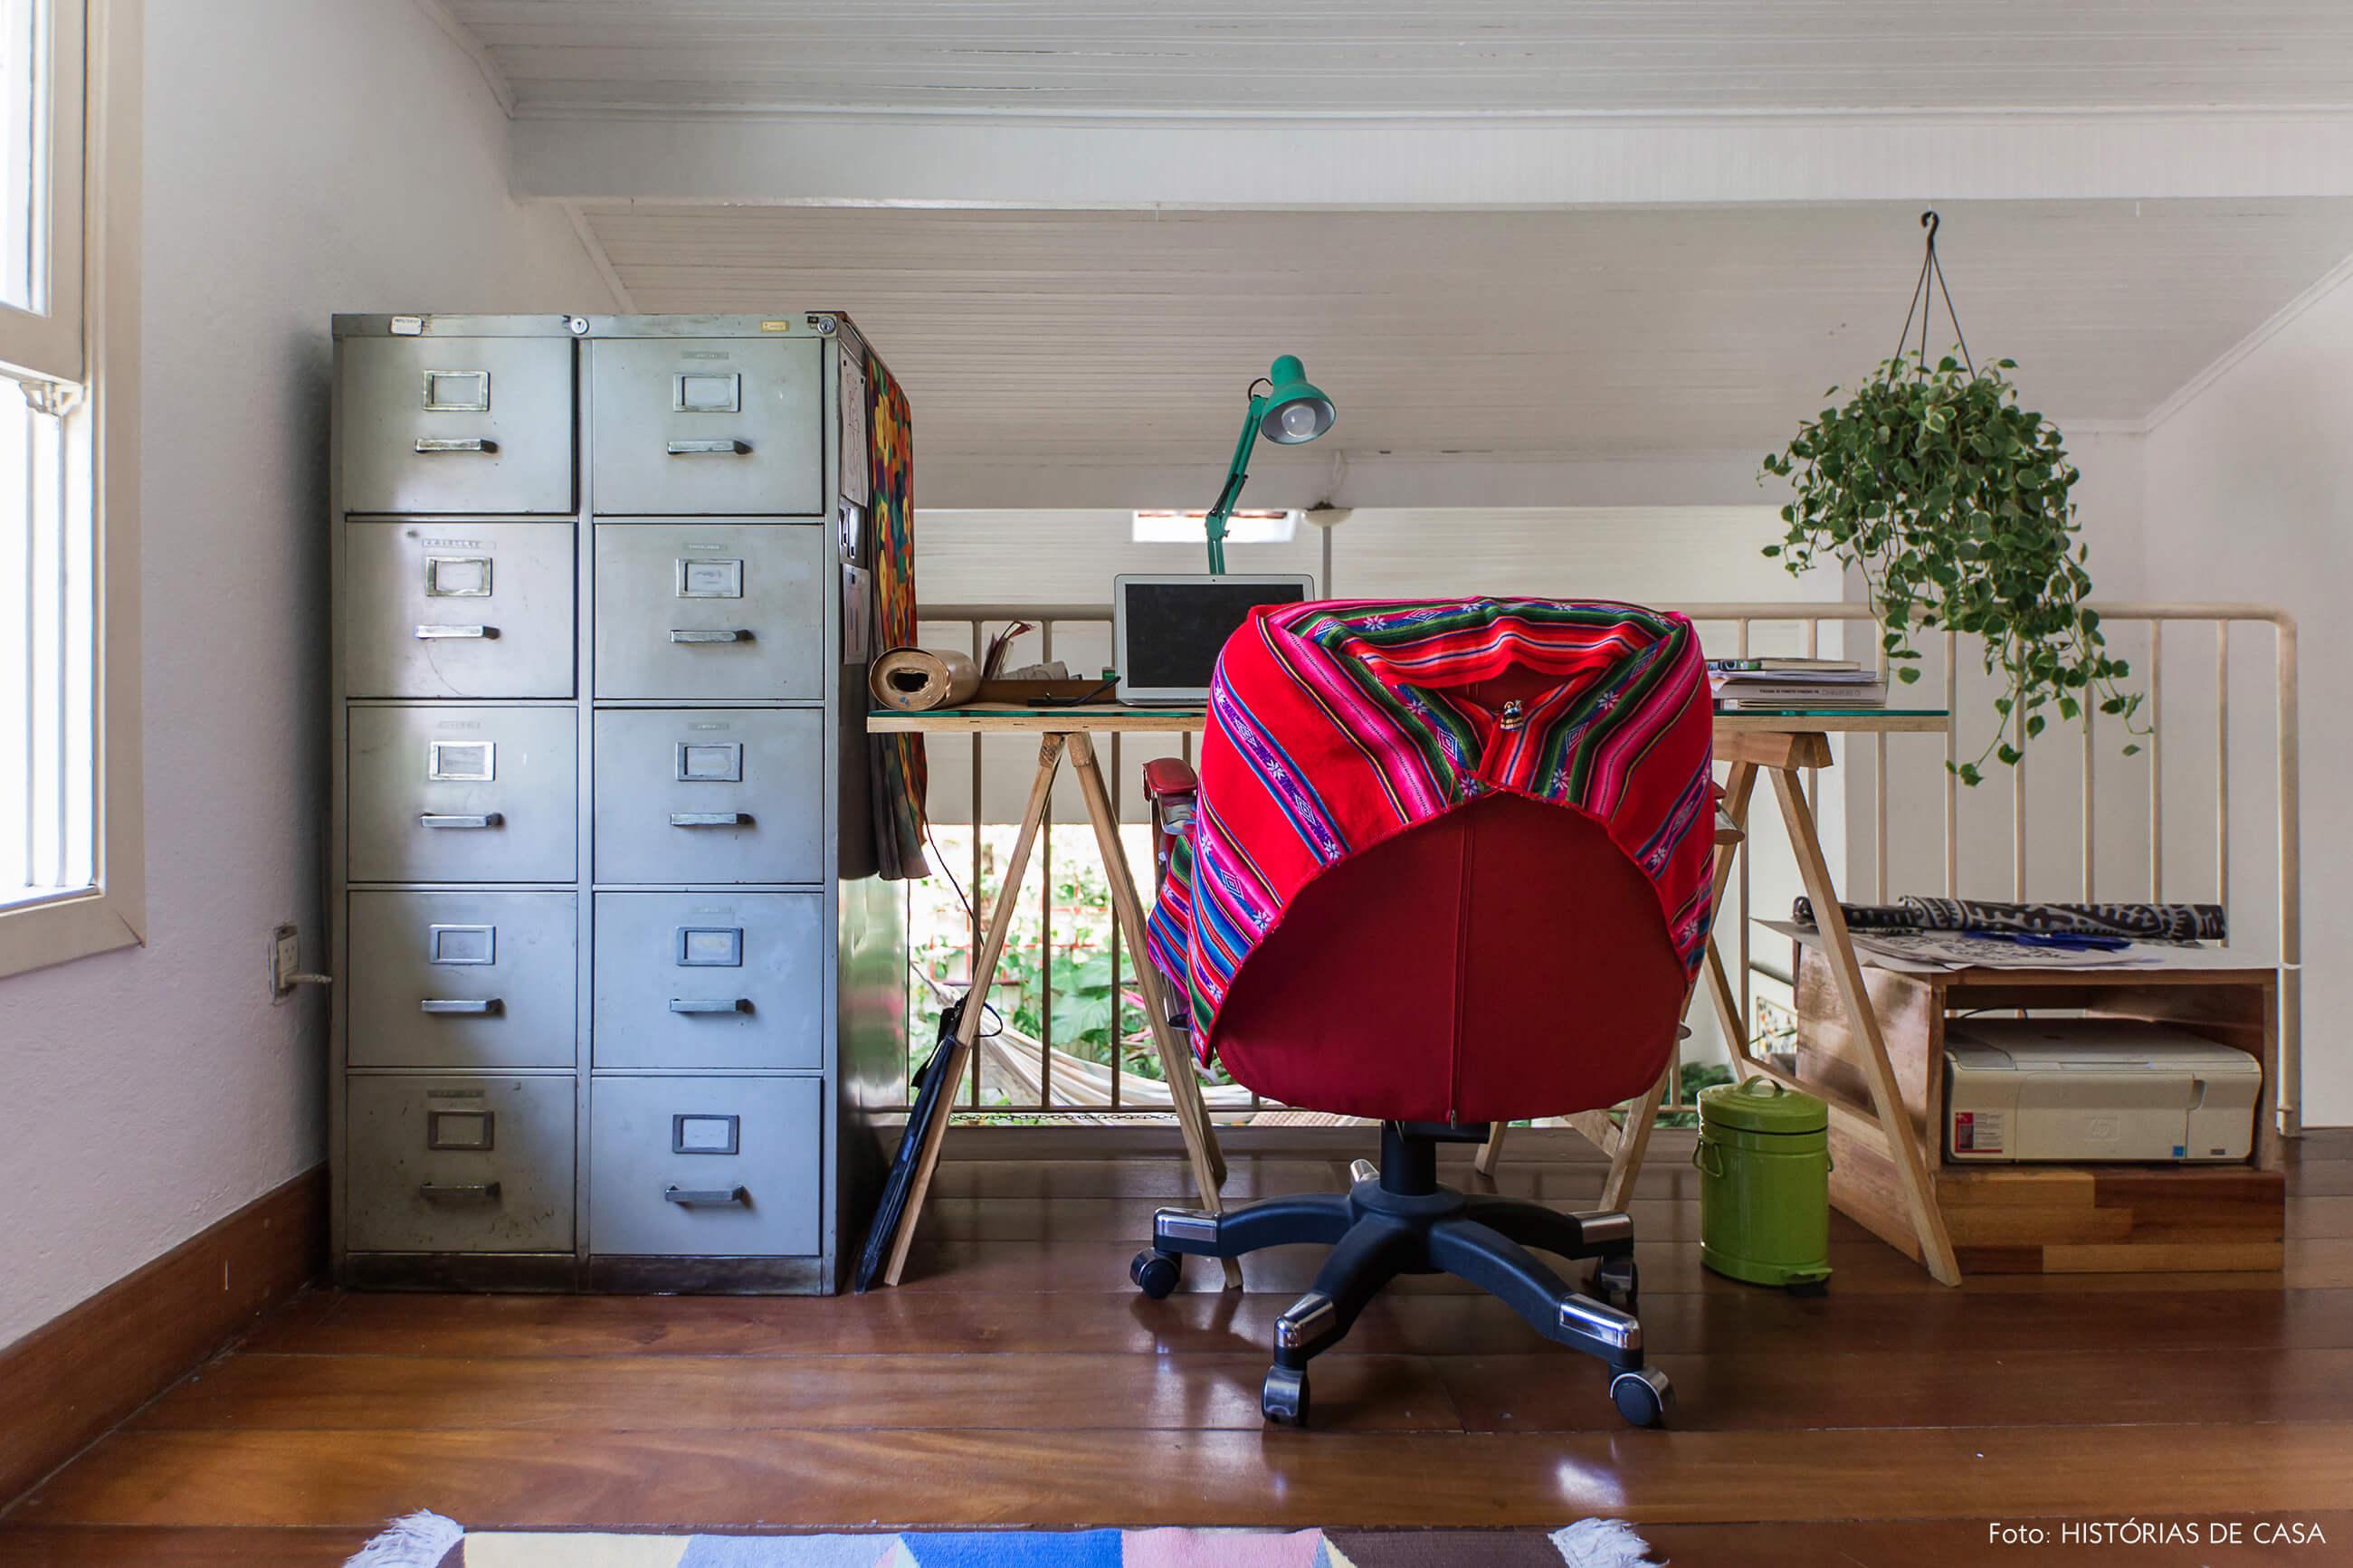 Mezanino com home office e gaveteiro metálico